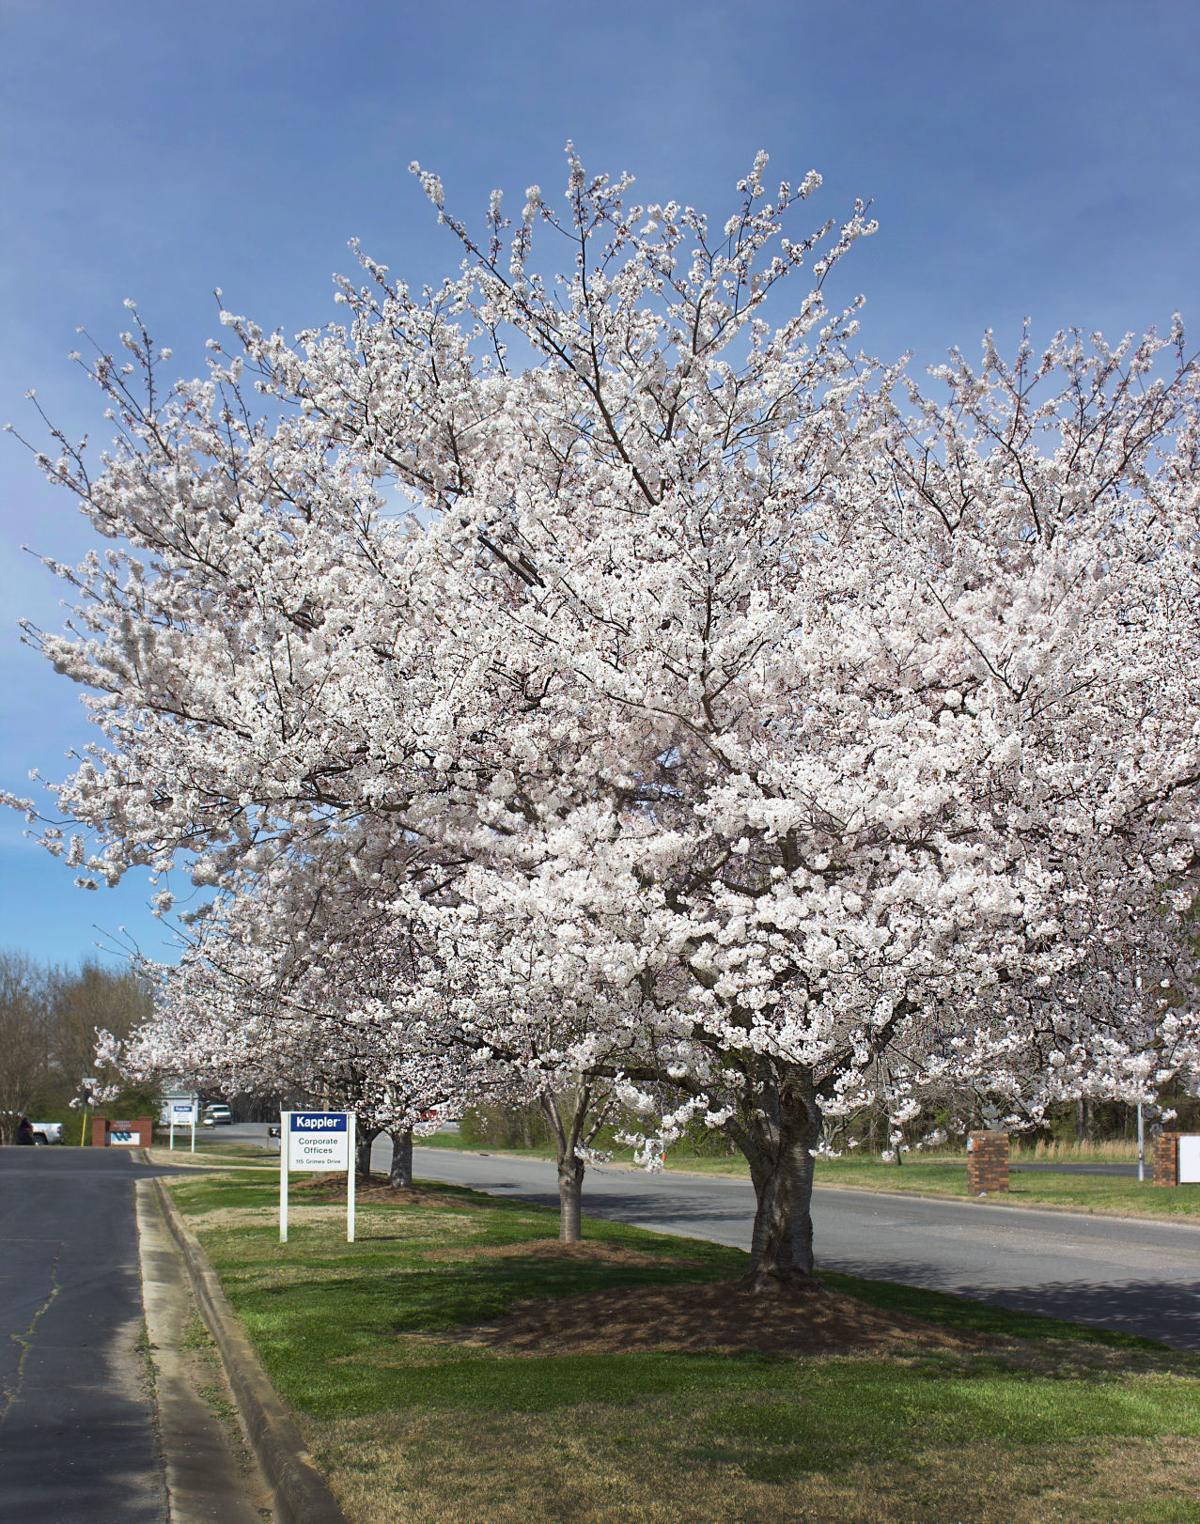 A Kappler Cherry